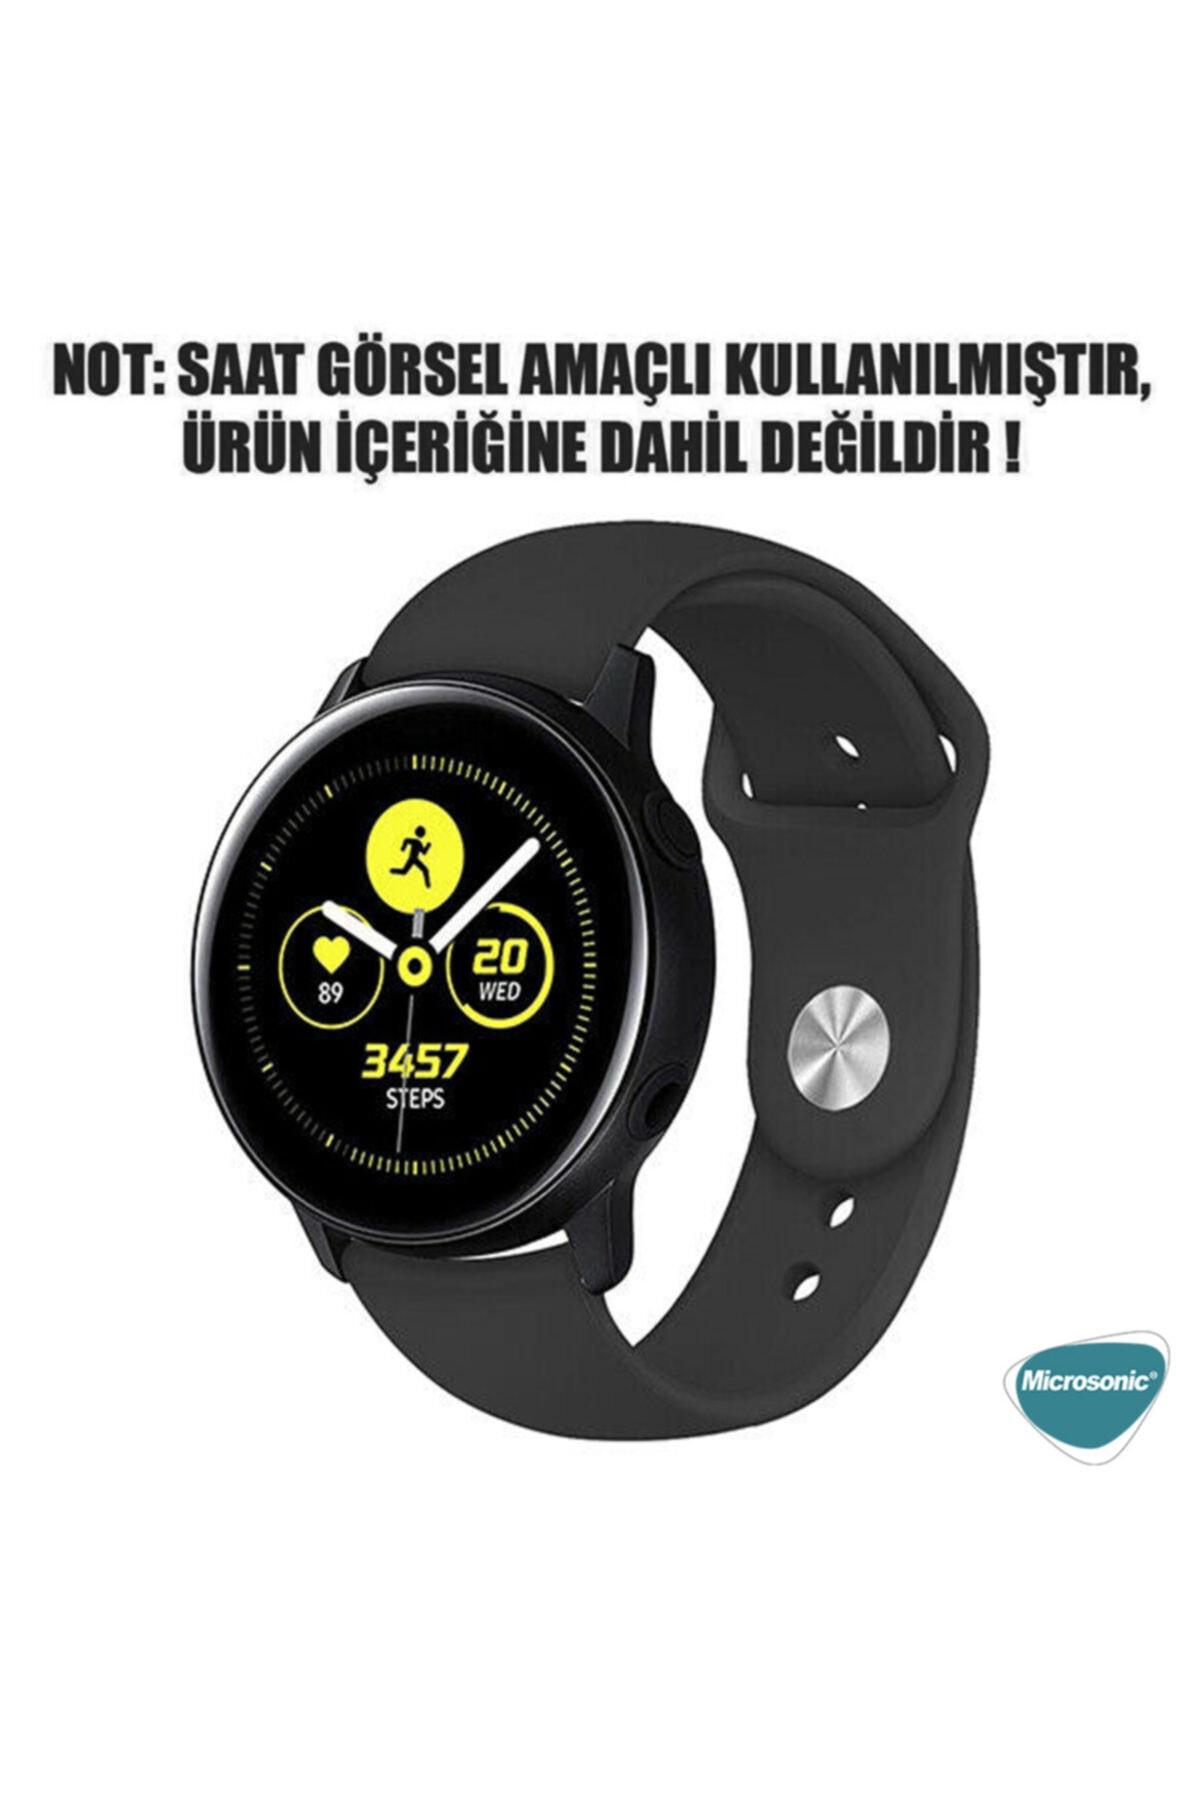 Microsonic Samsung Galaxy Watch 3 45 mm Uyumlu Silikon Kordon 2